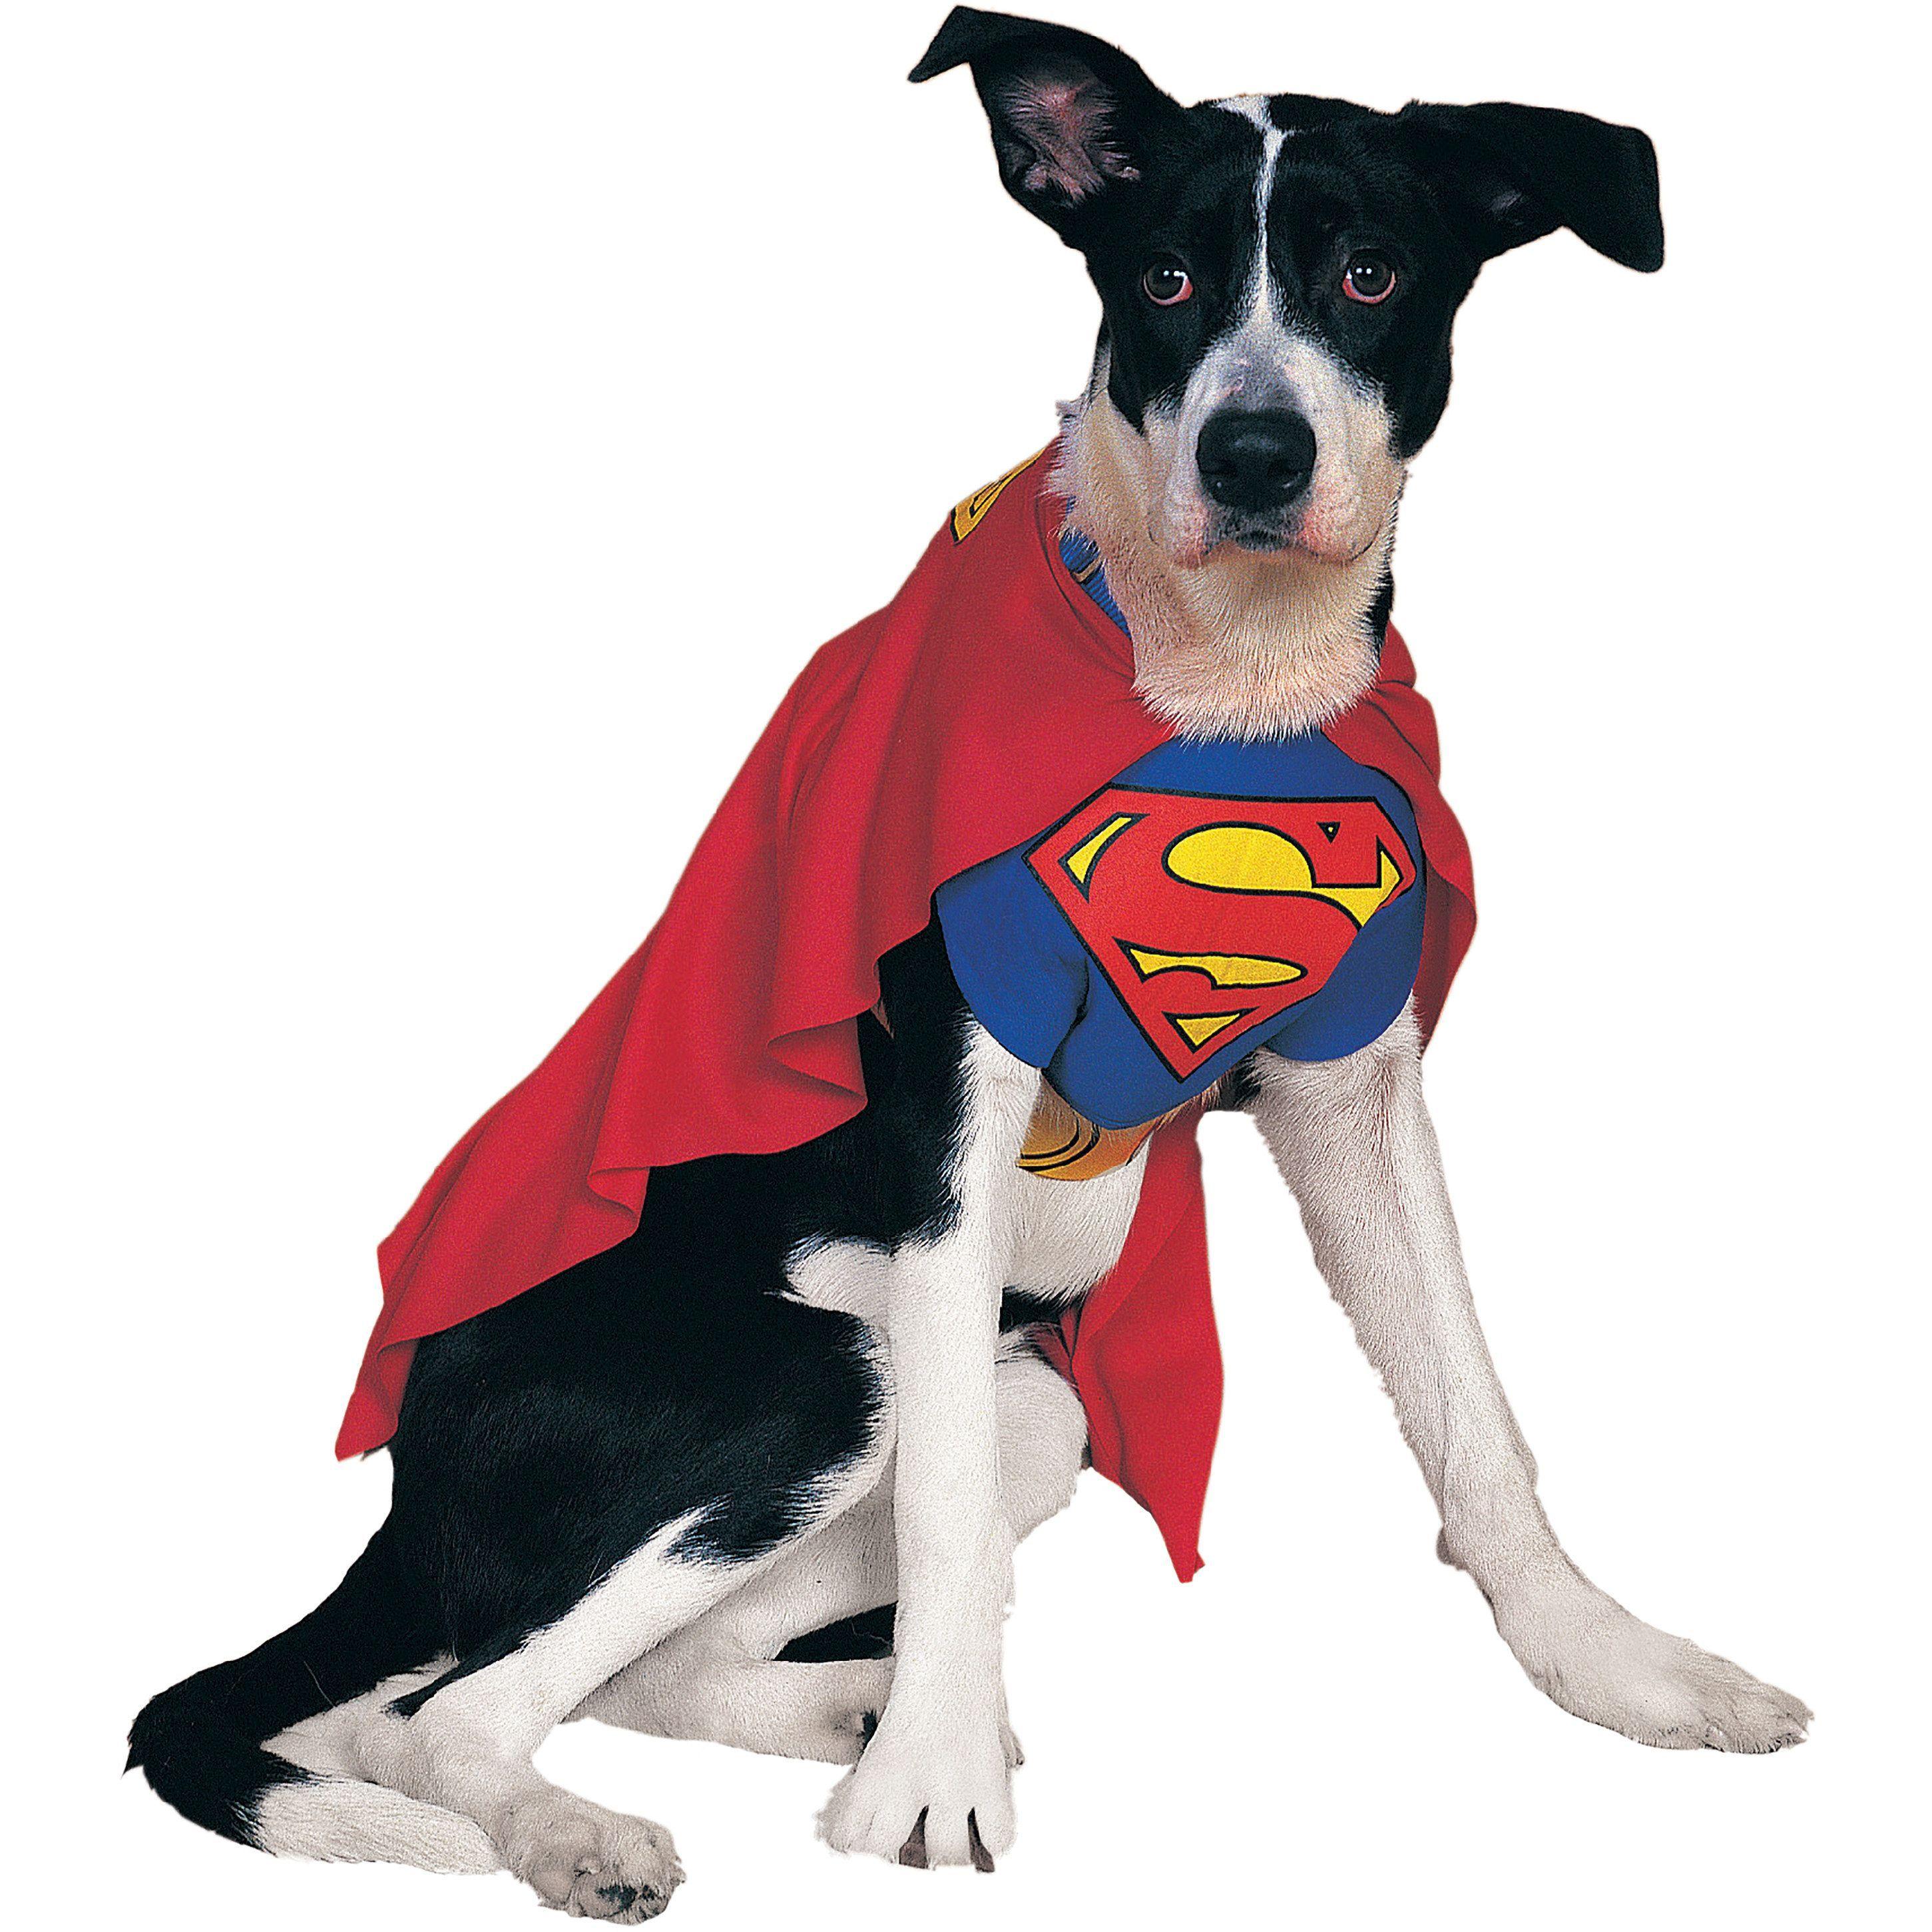 Rubieu0027s Superman Pet Costume-Extra Large - extra large  sc 1 st  Pinterest & Rubieu0027s Superman Pet Costume-Extra Large - extra large | Pet ...